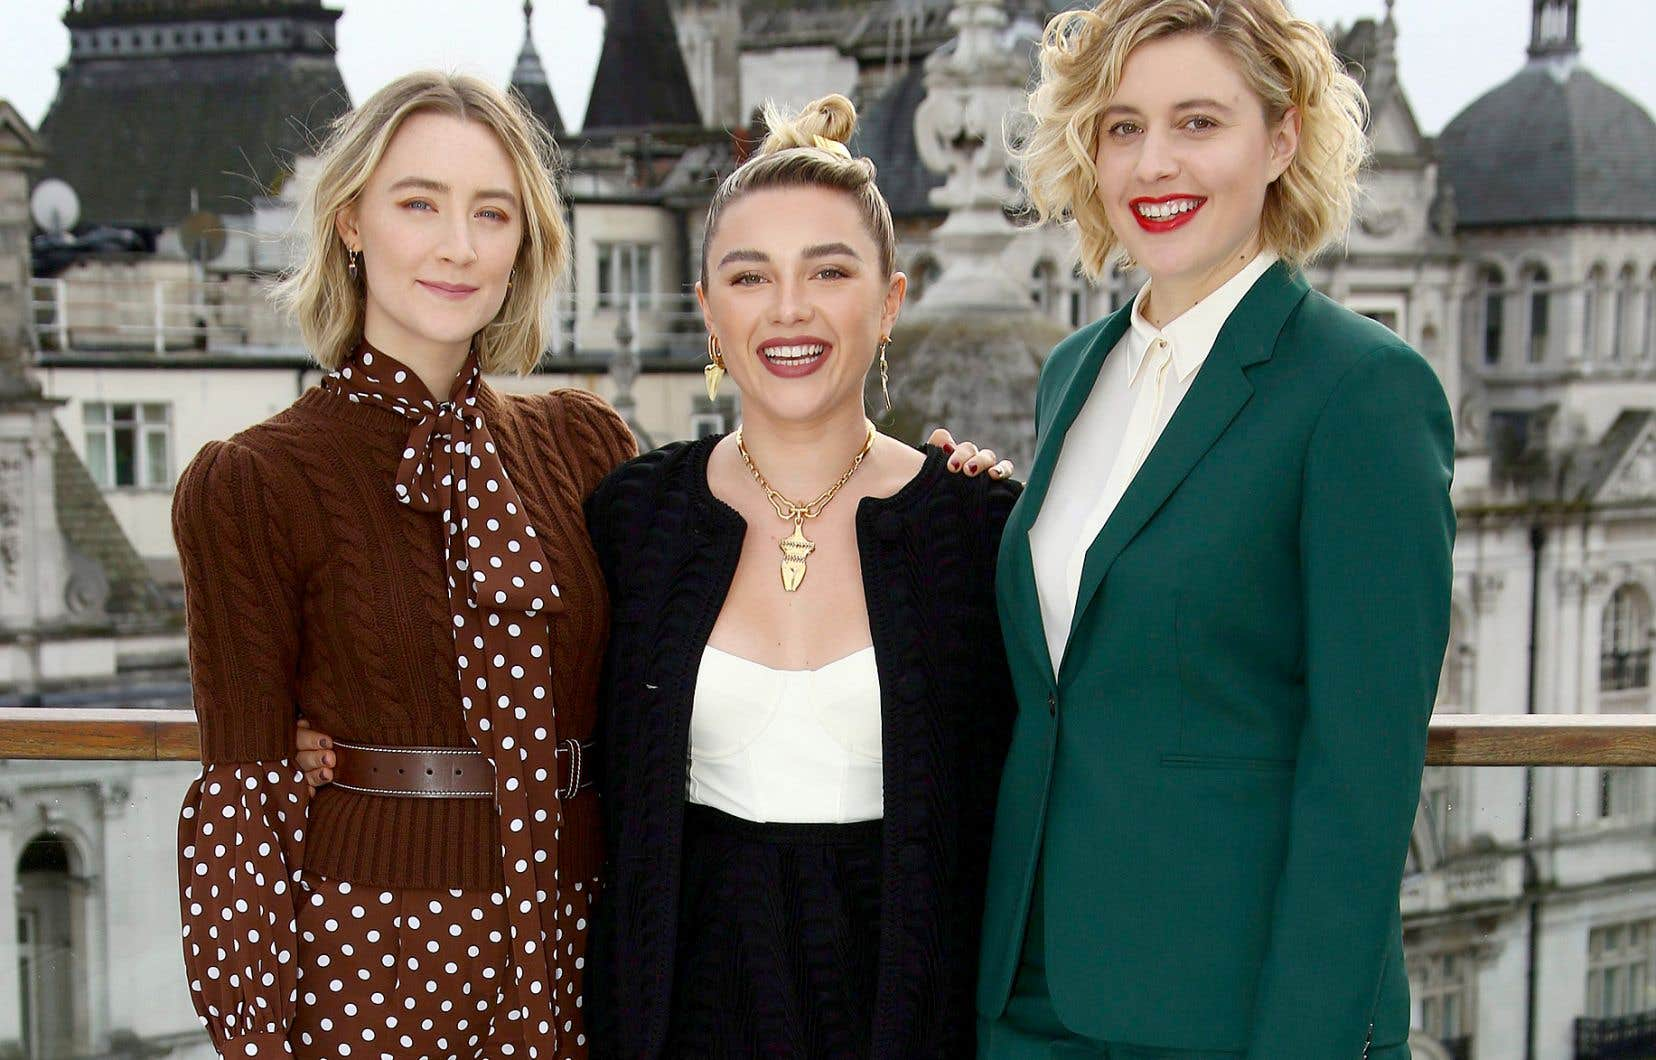 Greta Gerwig (à droite) a réalisé le film«Little Women», dans lequel jouent les actrices Saoirse Ronan (à gauche) et Florence Pugh.